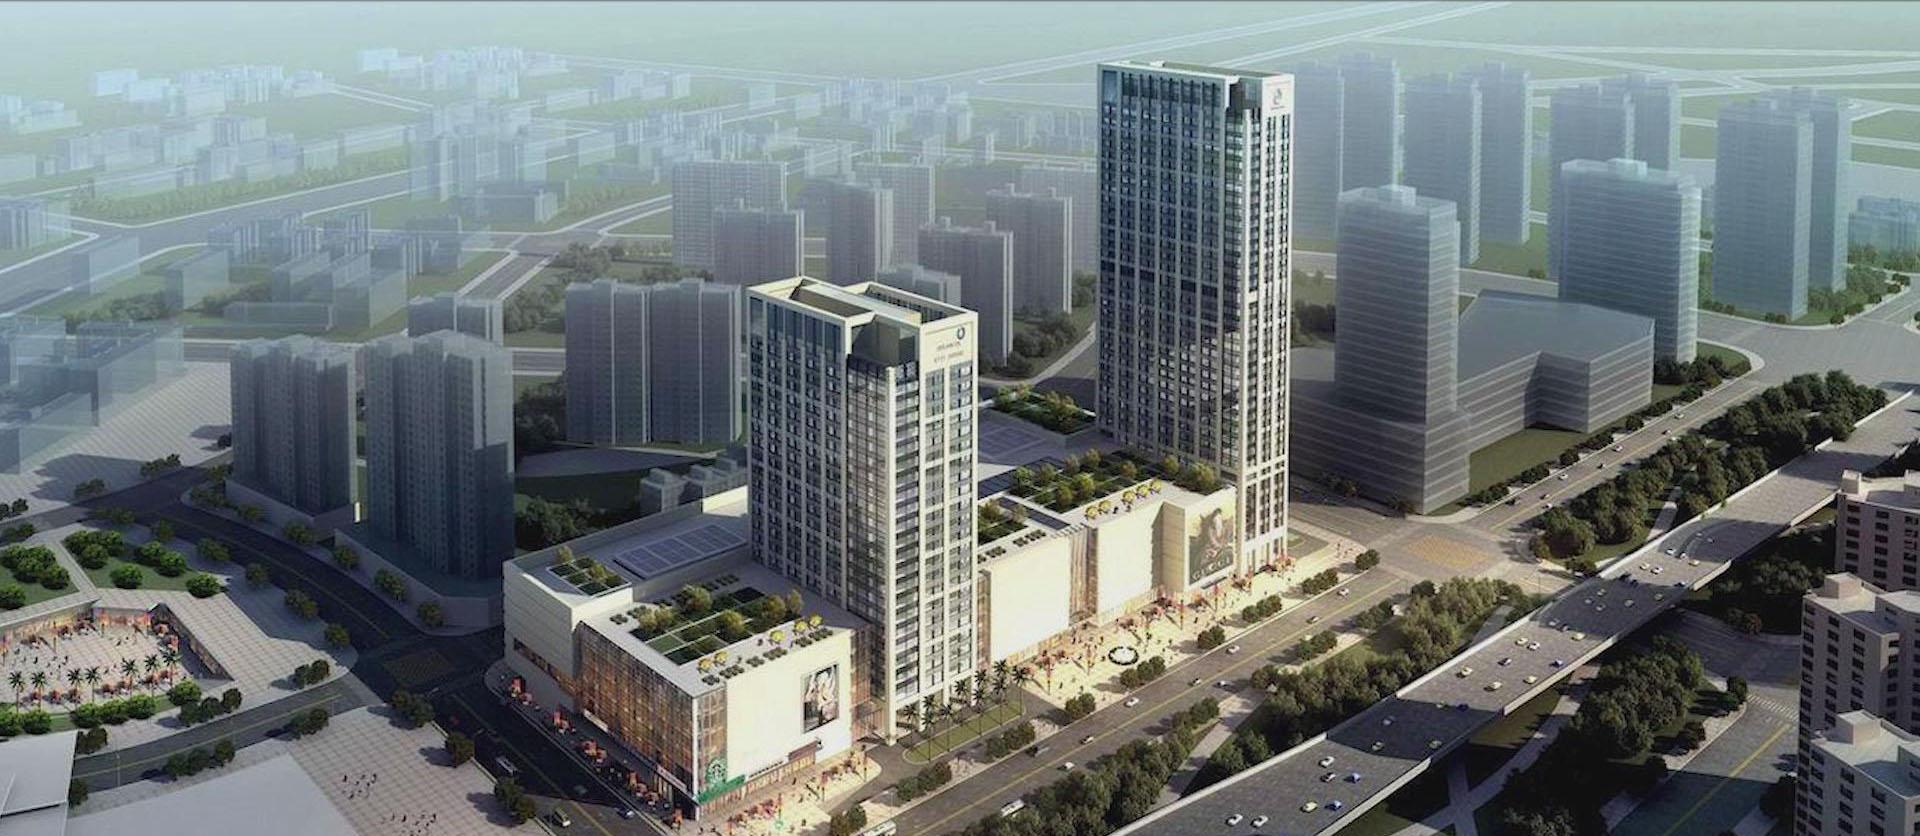 與部分典型民用建筑合作的項目-武漢泛海城市廣場